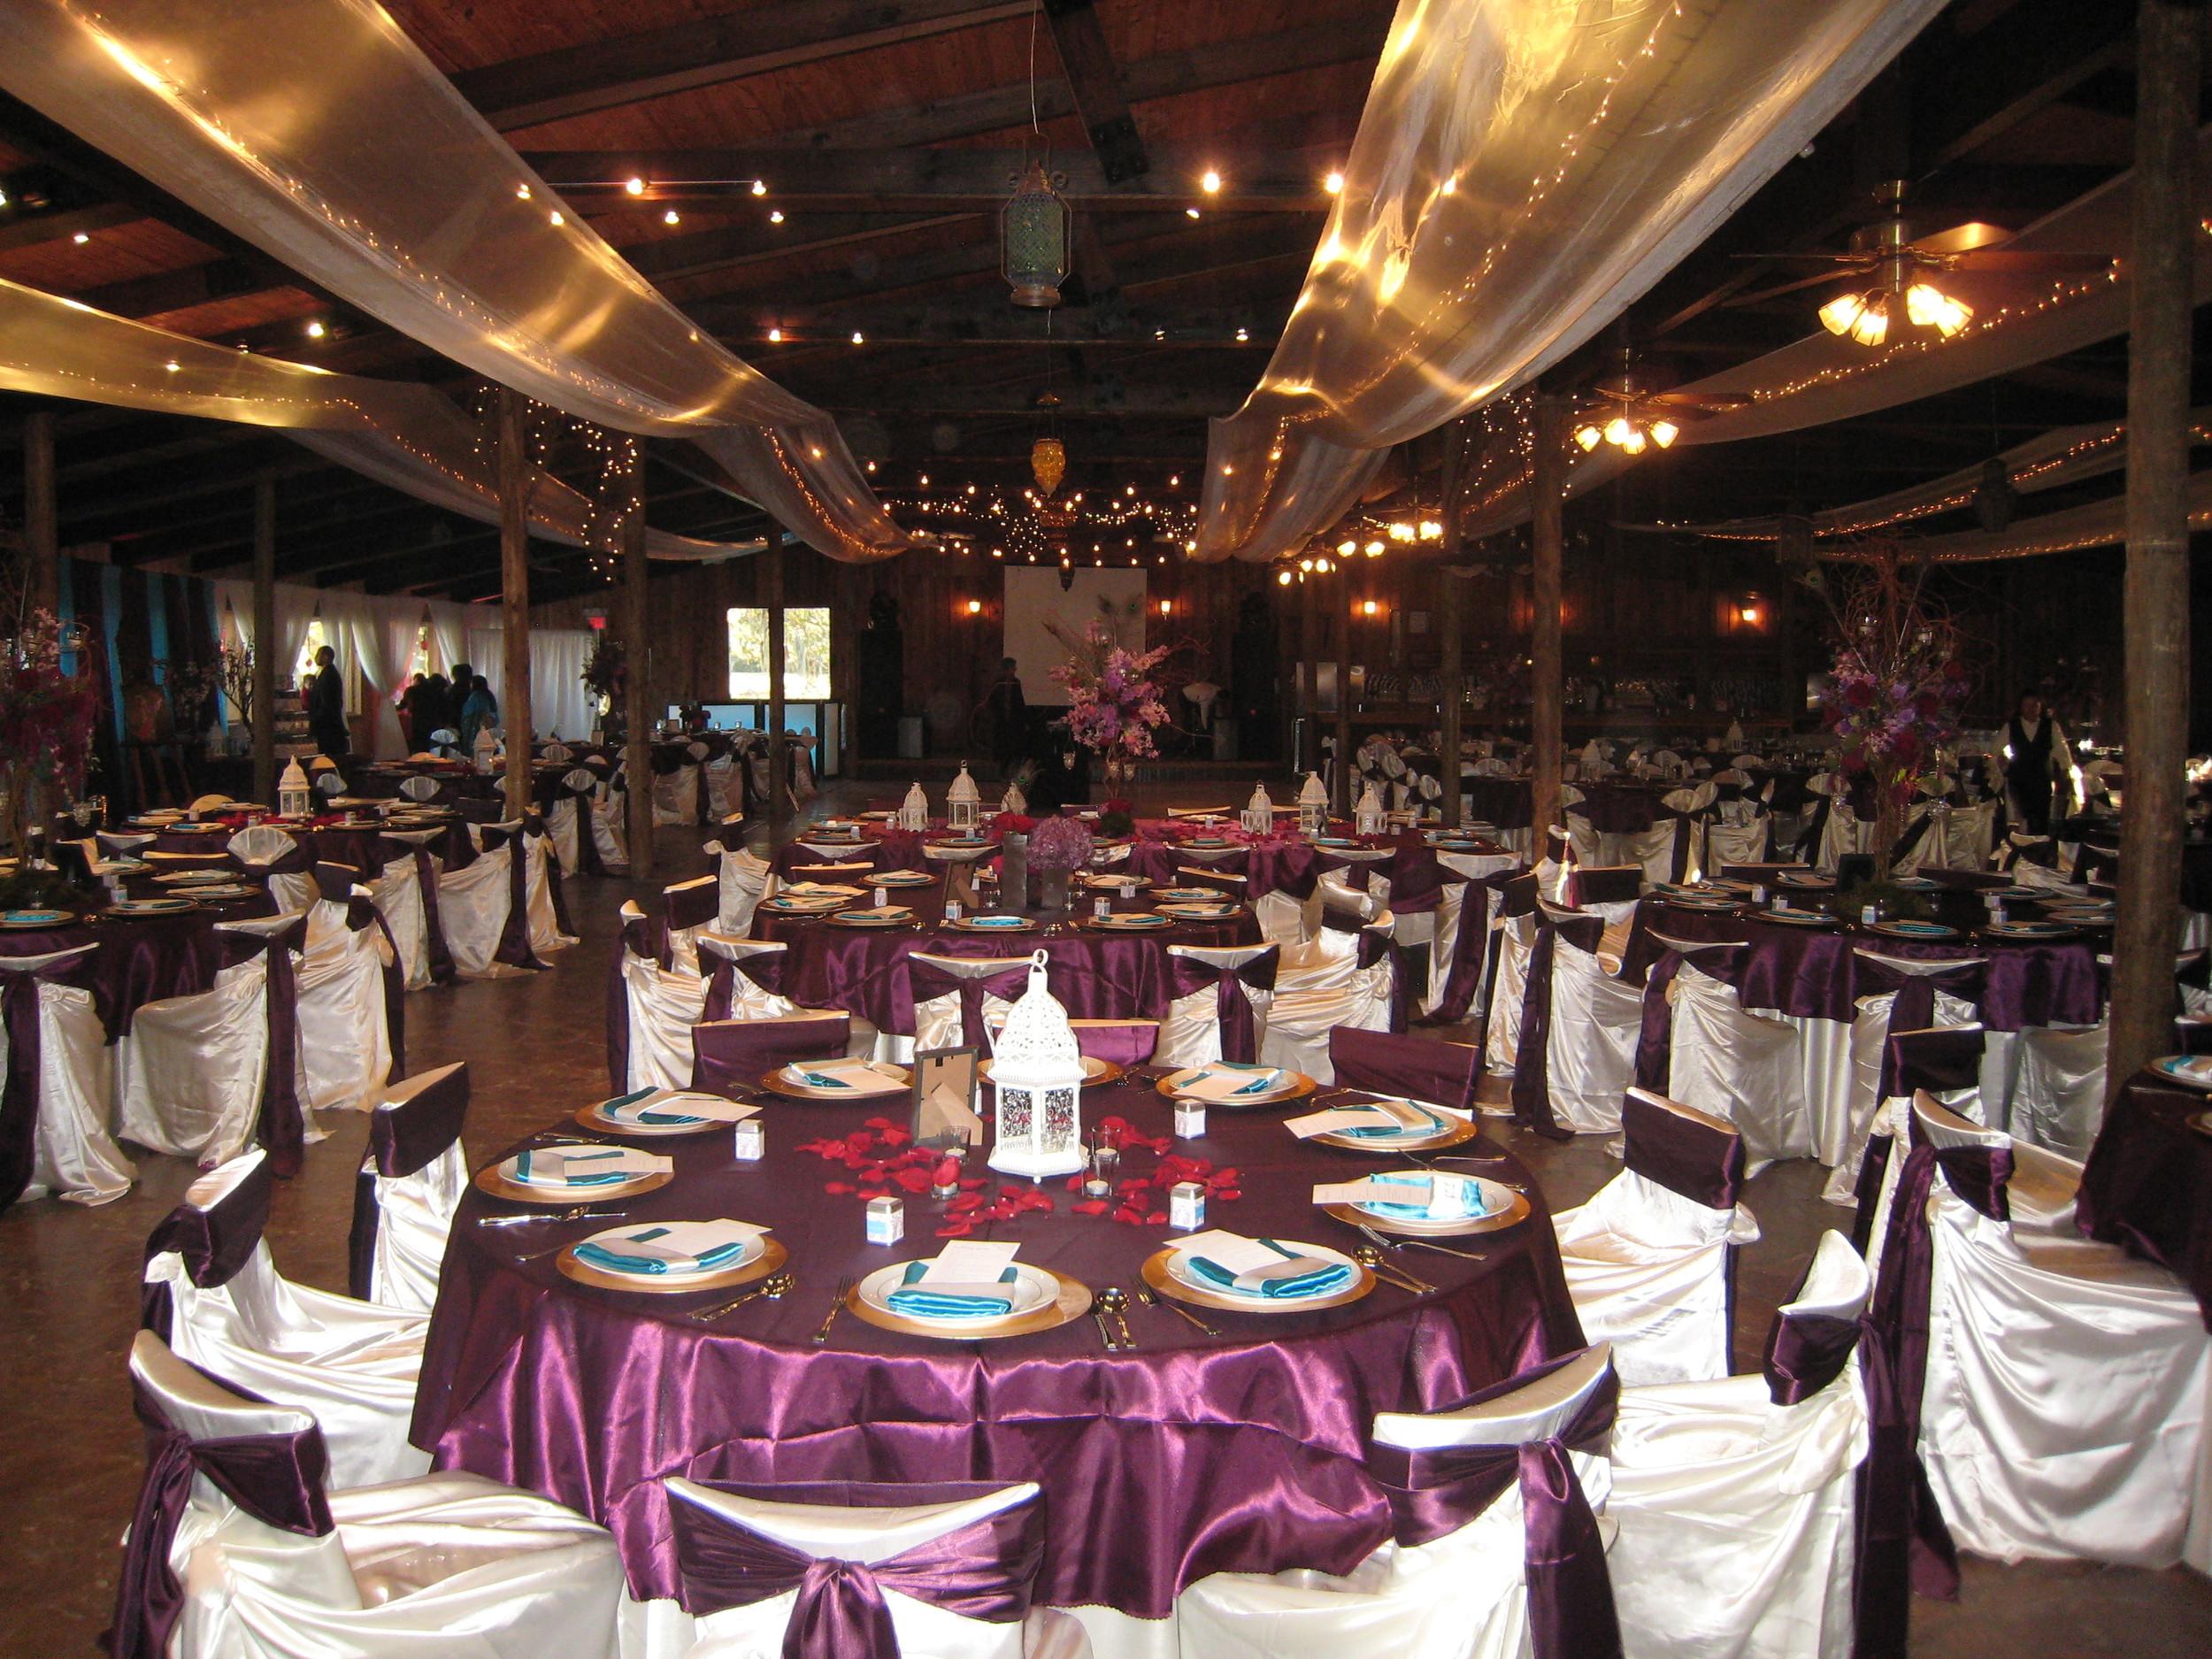 Safari Lodge Purple and White.JPG